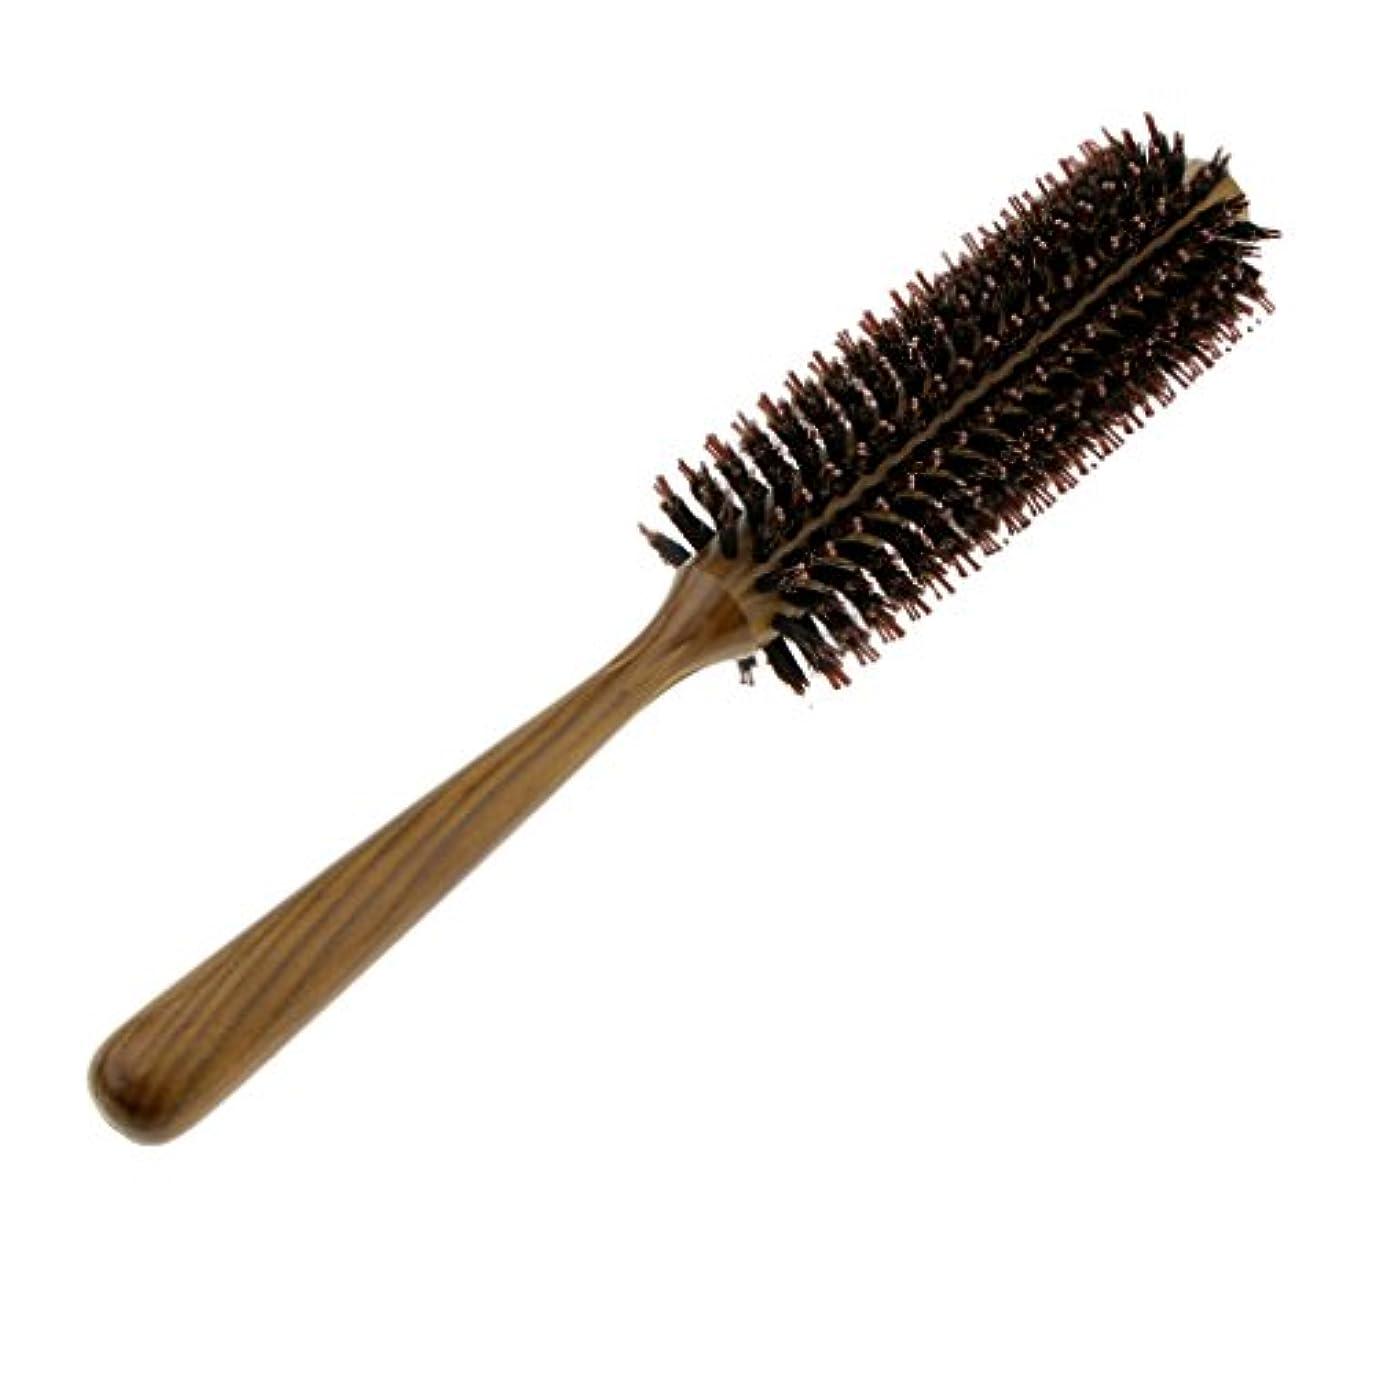 顧問ファンド通常ブラシラウンドヘア櫛波状カーリースタイリングカーリング美容髪ブラシ - M